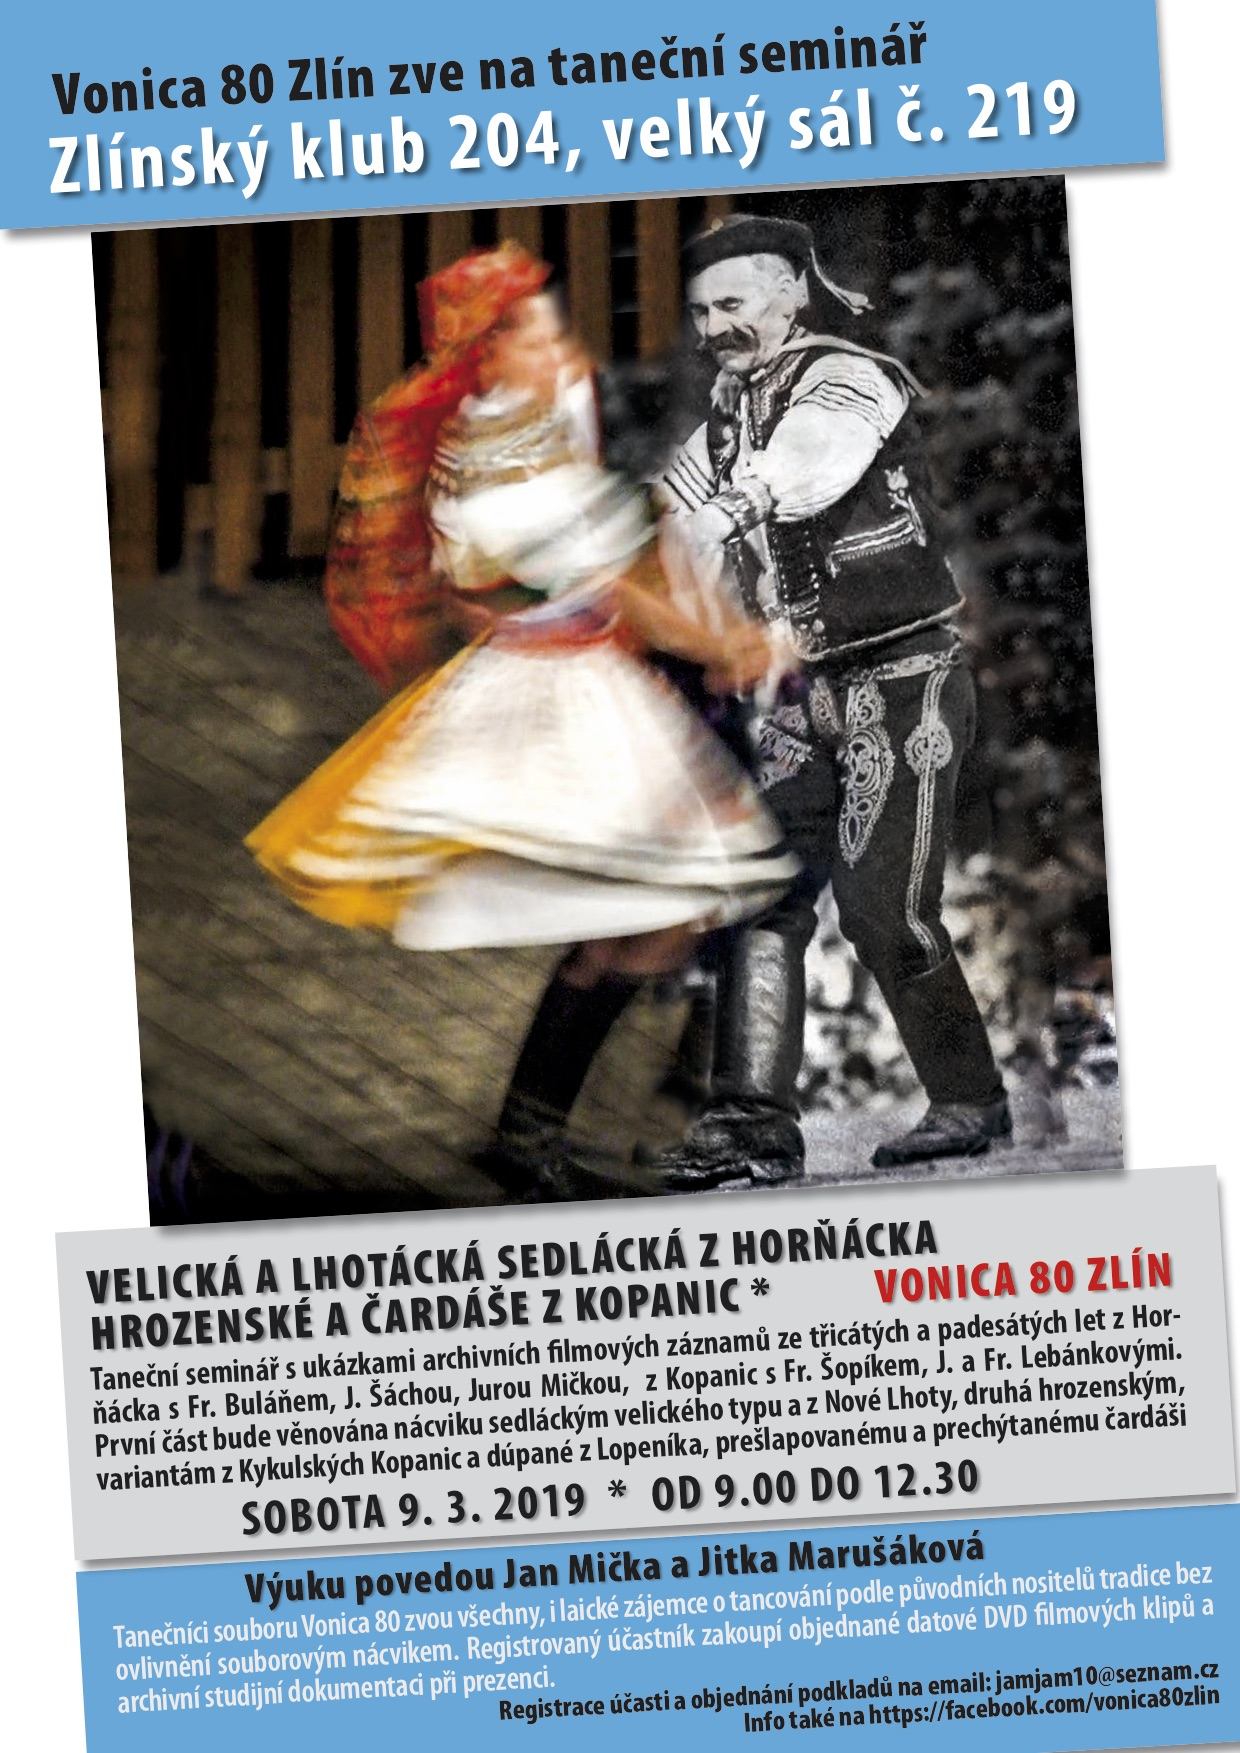 Taneční seminář Velická a Lhotácká sedlácká z Horňácka + Hrozenské čardáše z Kopanic